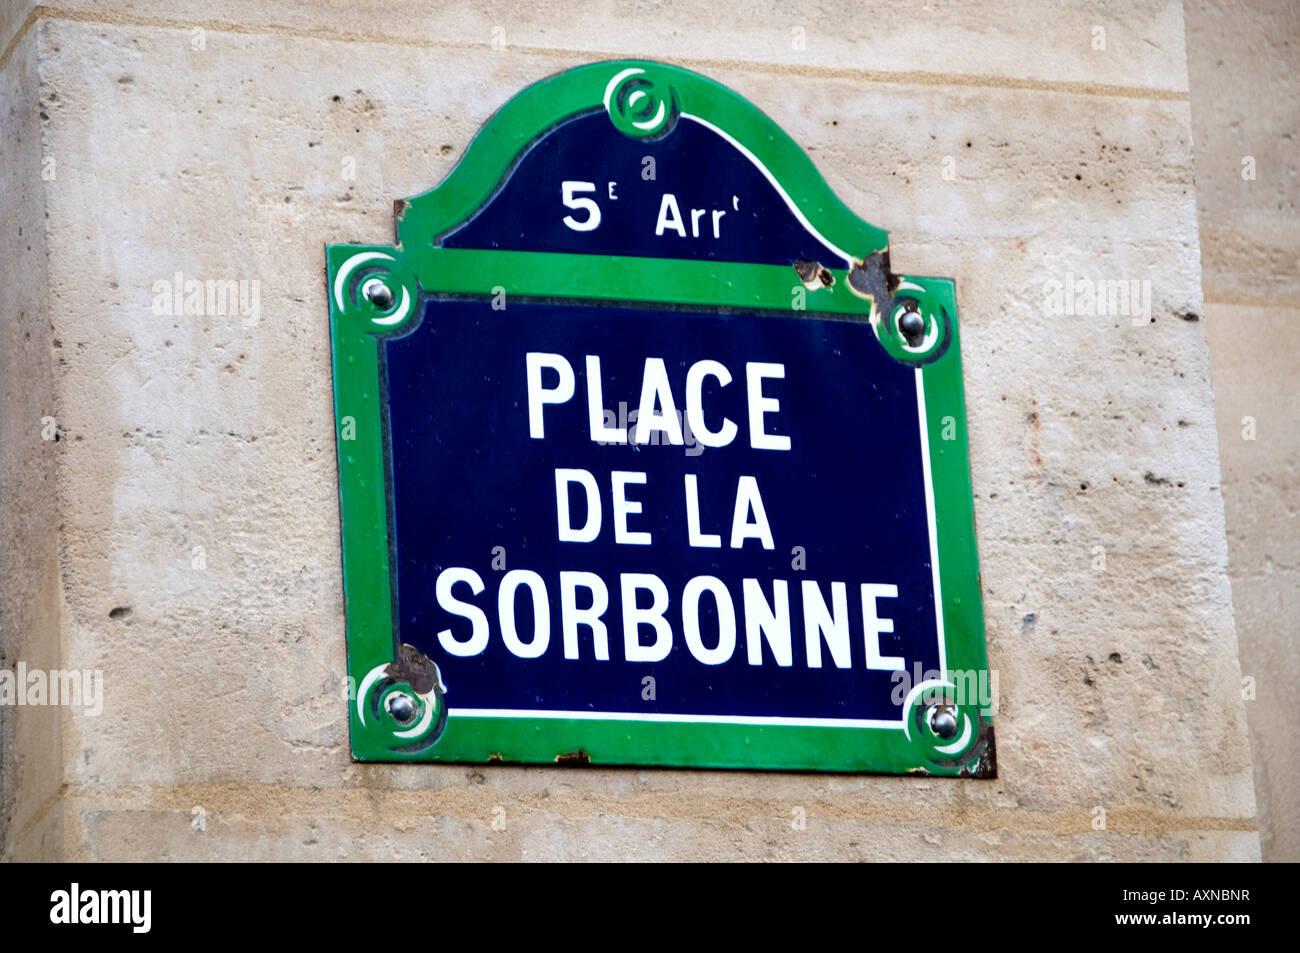 Sorbonne university of paris place la Sorbonne - Stock Image